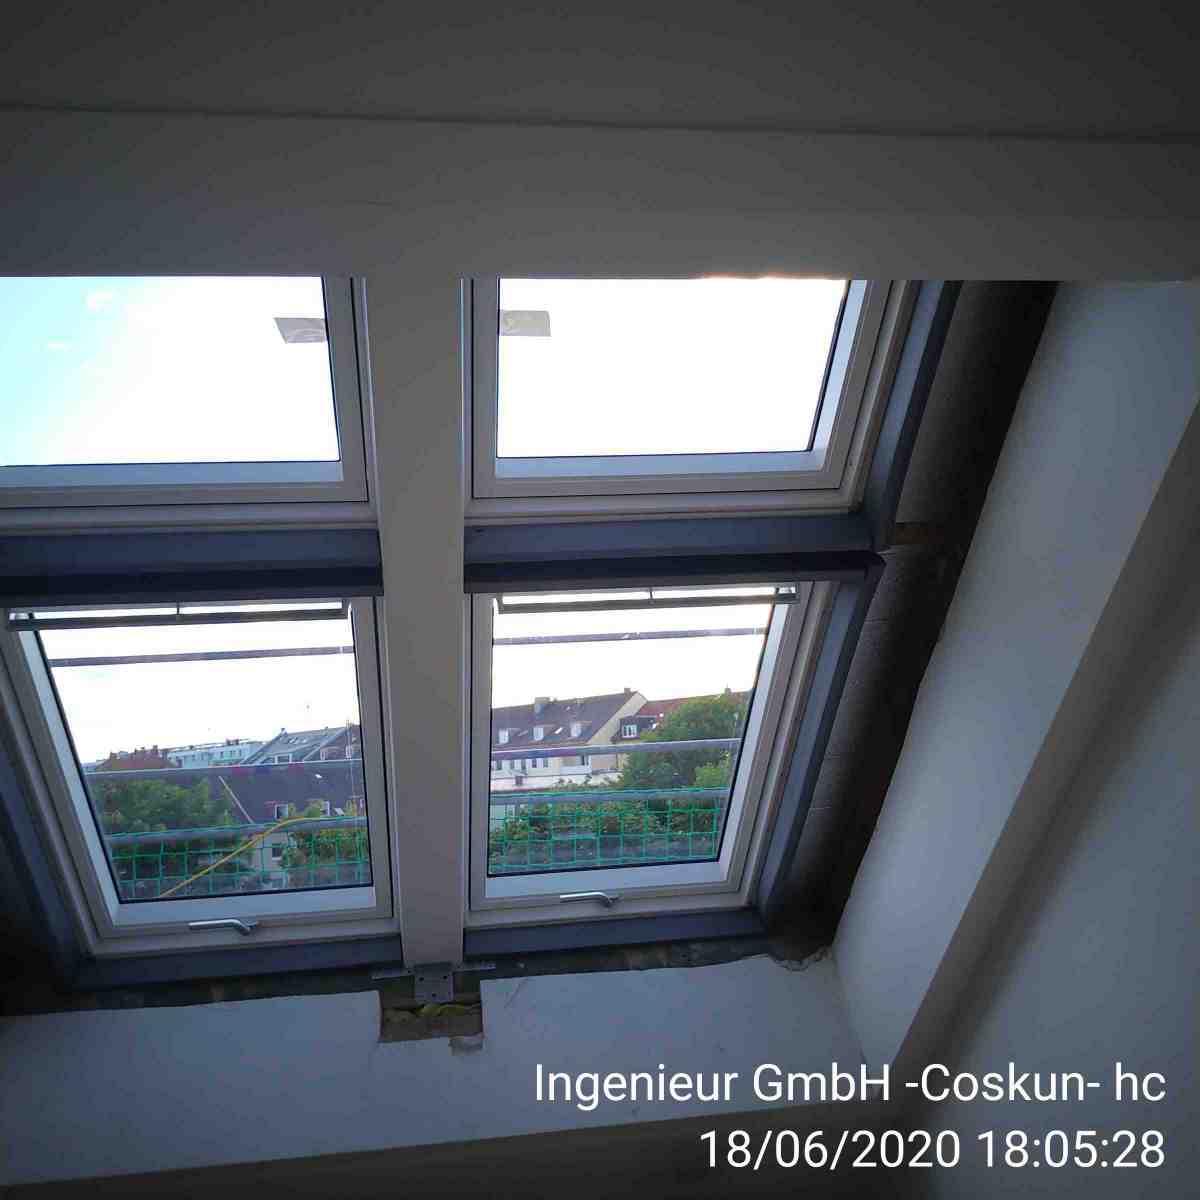 DachflÑchenfenstersanierung-Muenchen-18